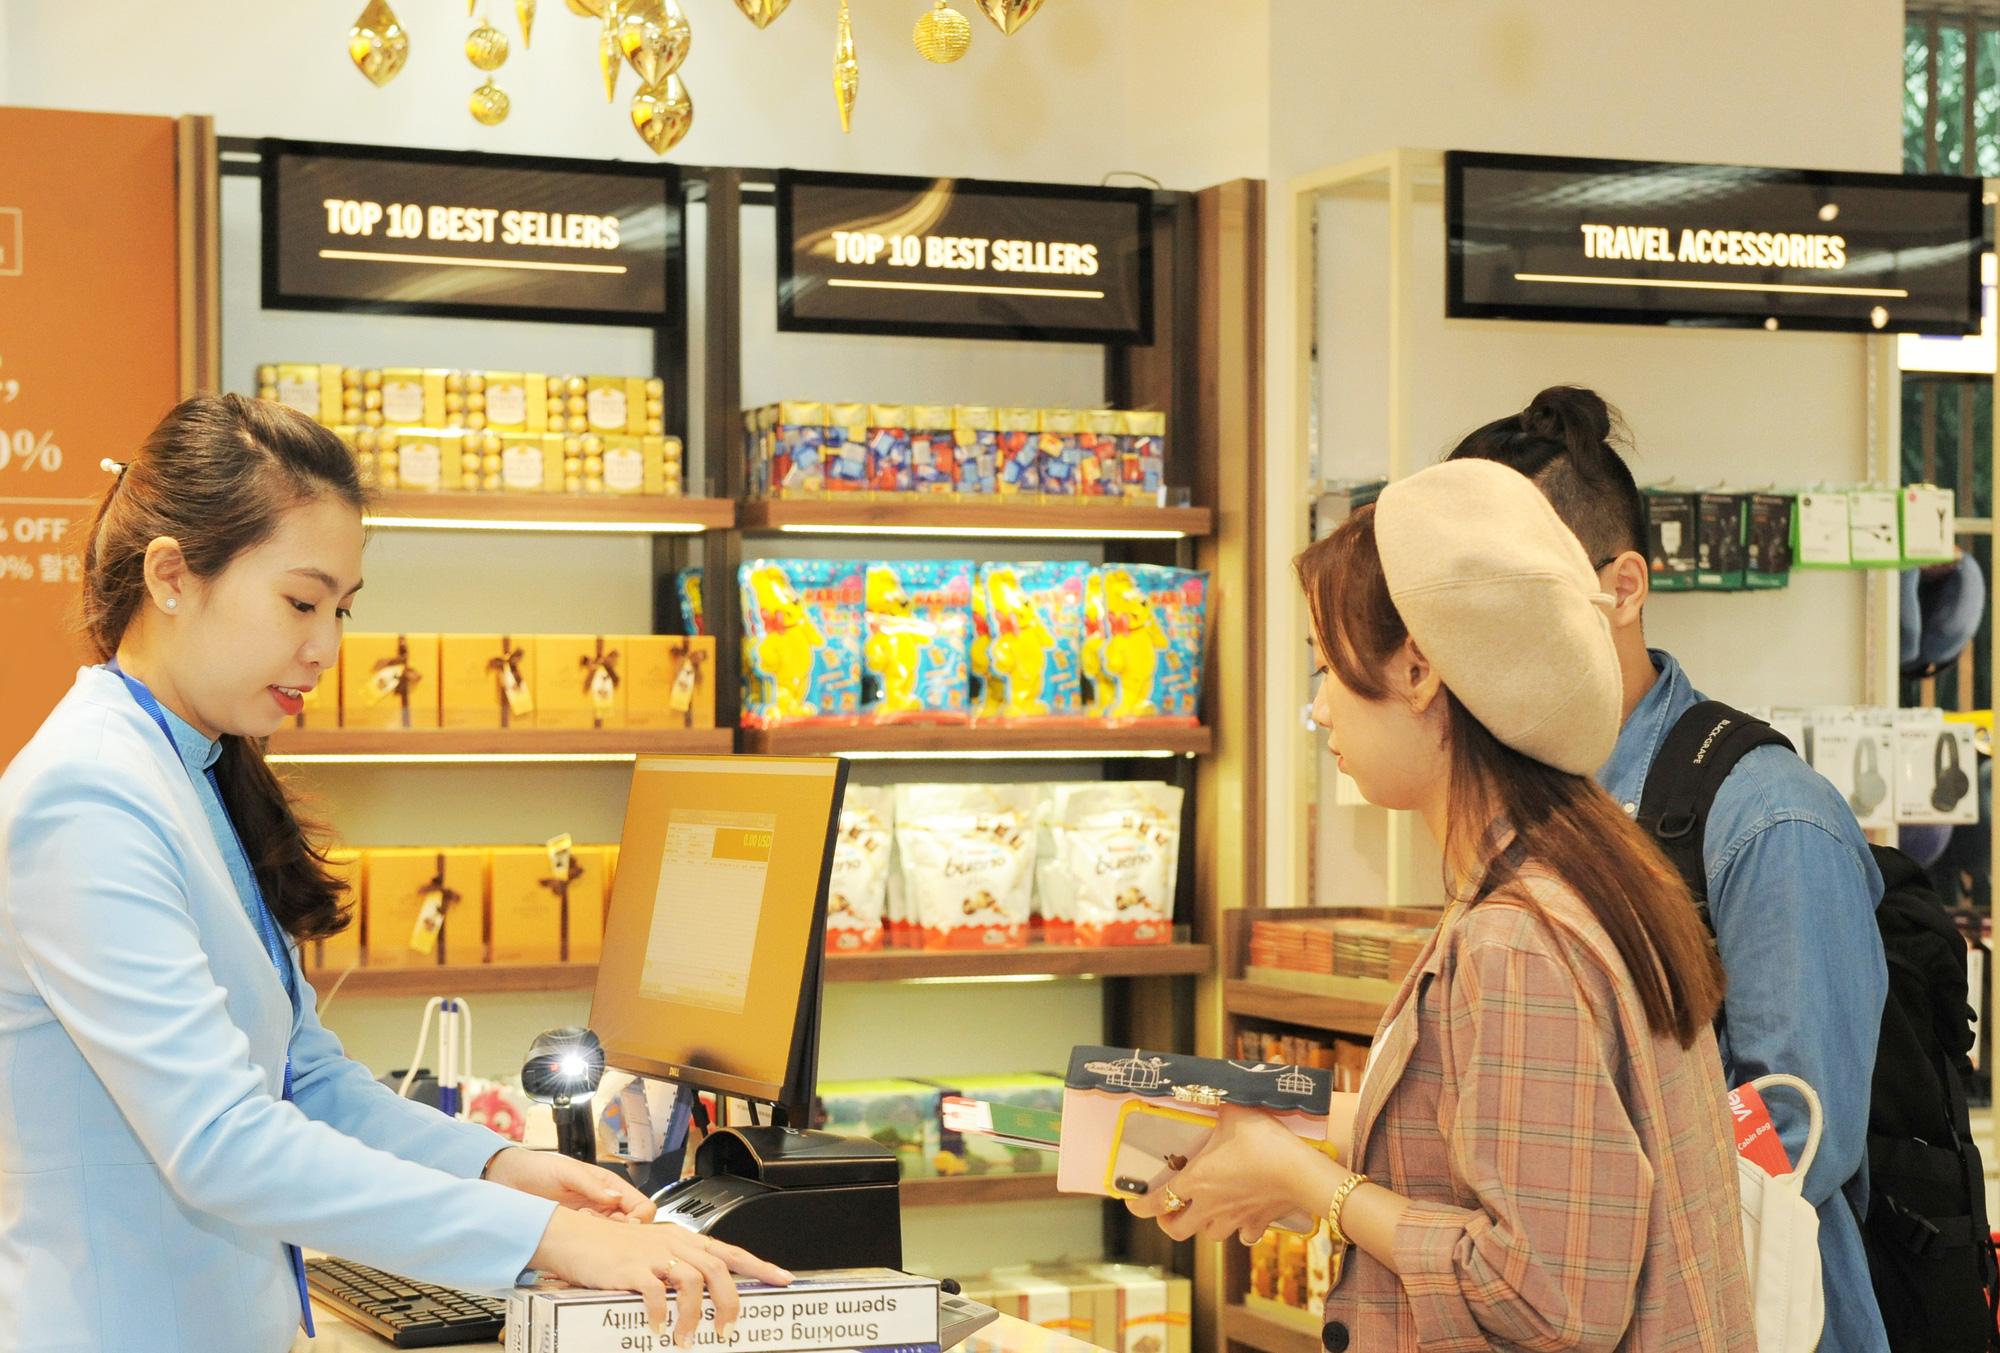 Khám phá cửa hàng miễn thuế bậc nhất sân bay quốc tế Tân Sơn Nhất - Ảnh 3.